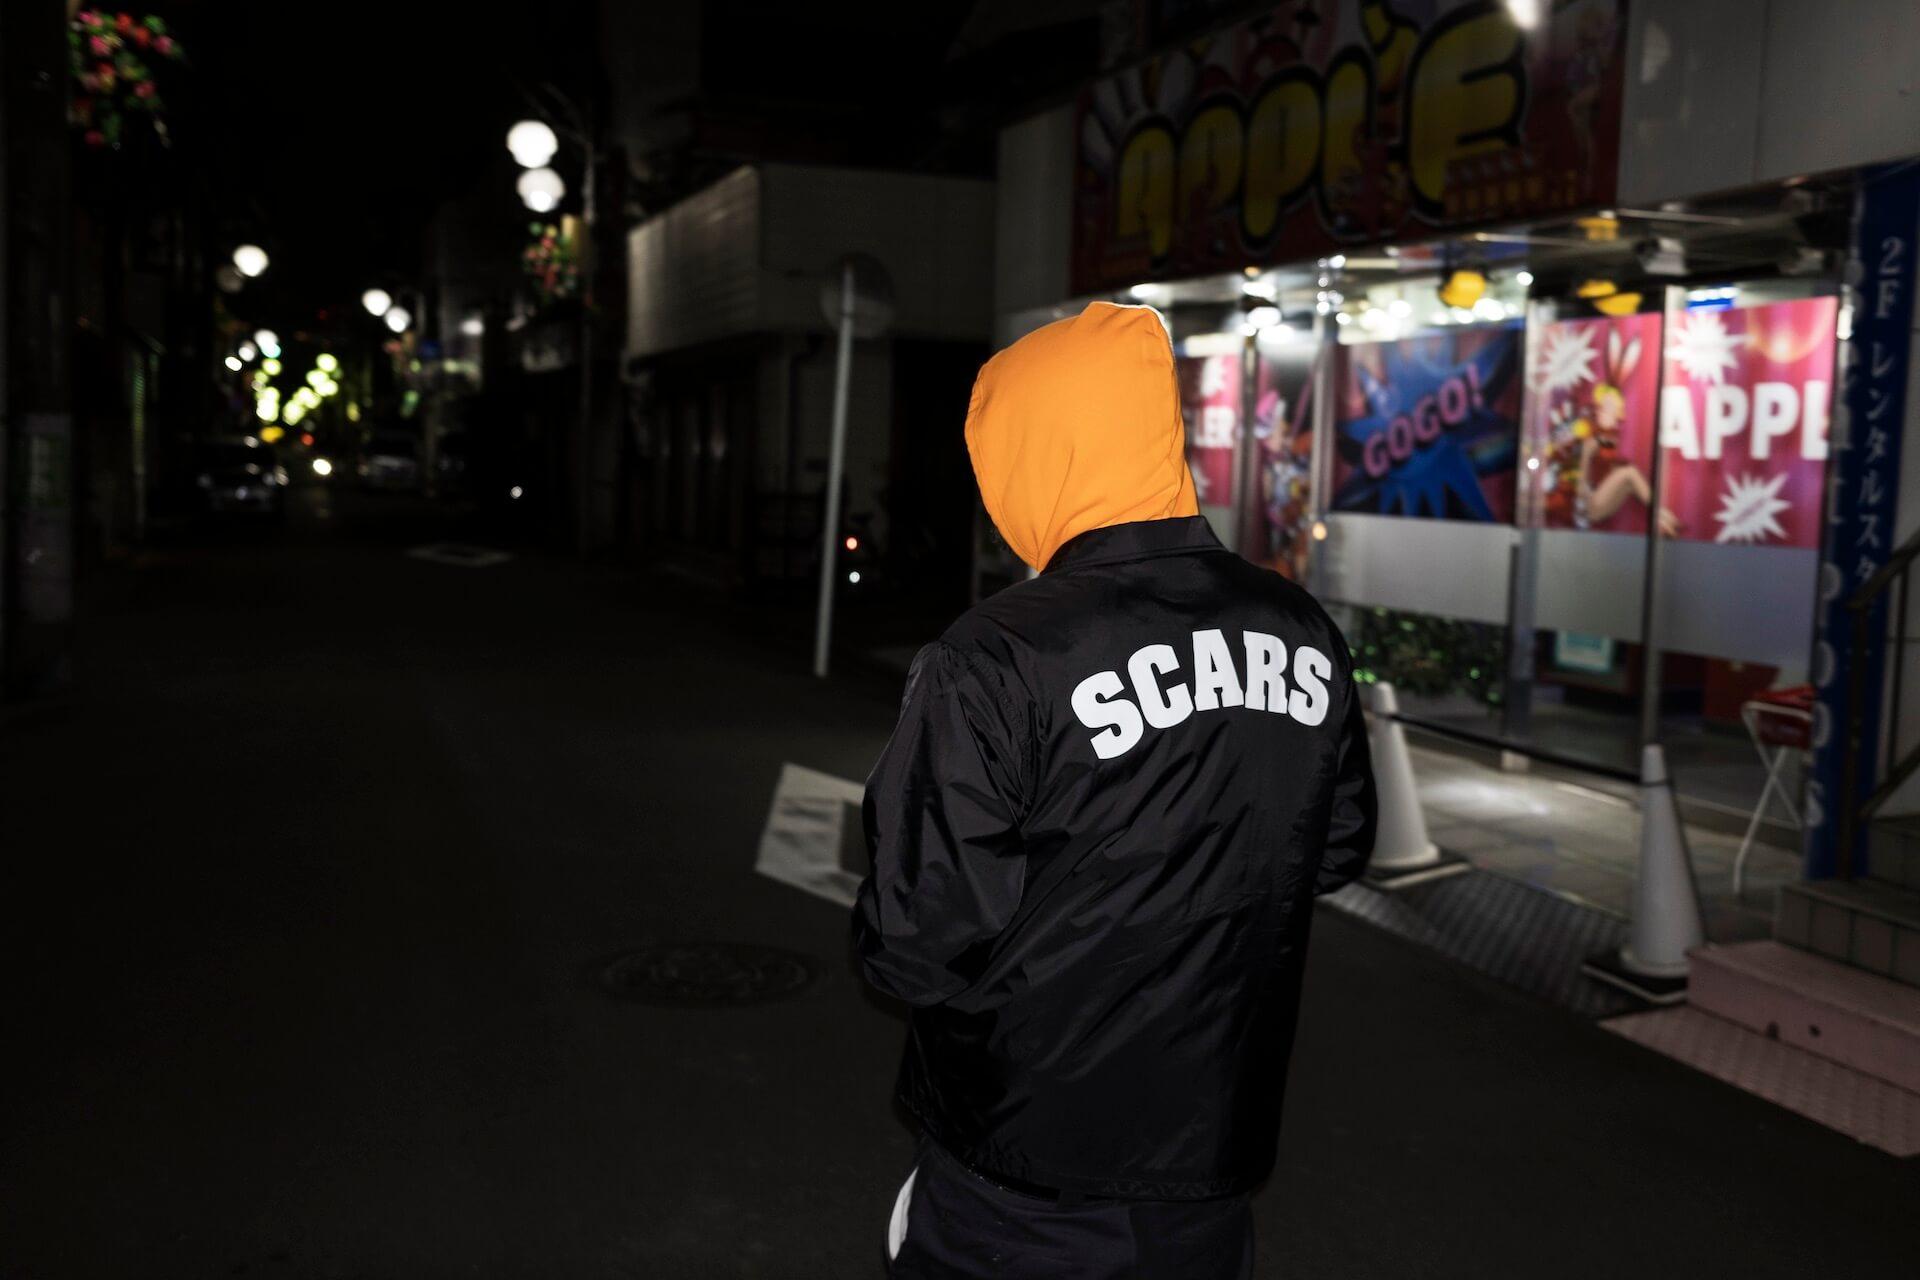 A-THUGの客演集『PULL UP』がリリース|今週末開催のイベントにて先行発売、SCARSライブも music201218_scars-04